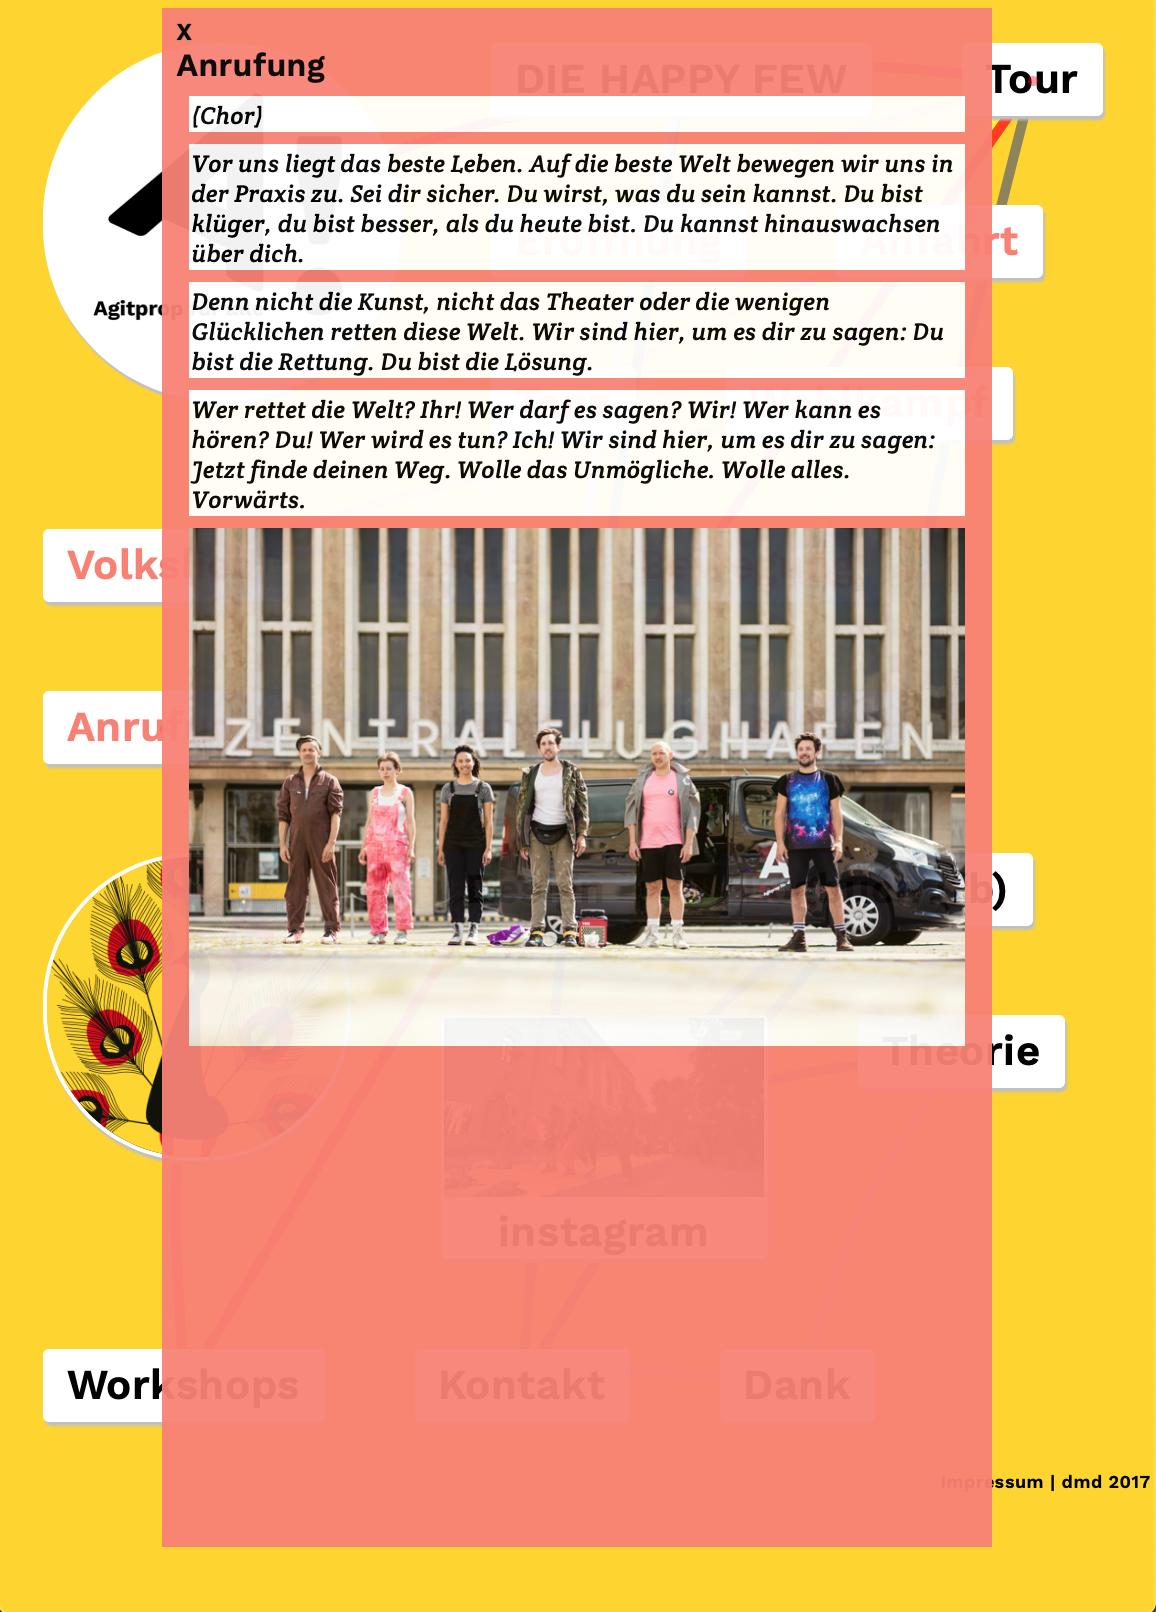 agitpropfueralle.de – Ansicht der Webseite